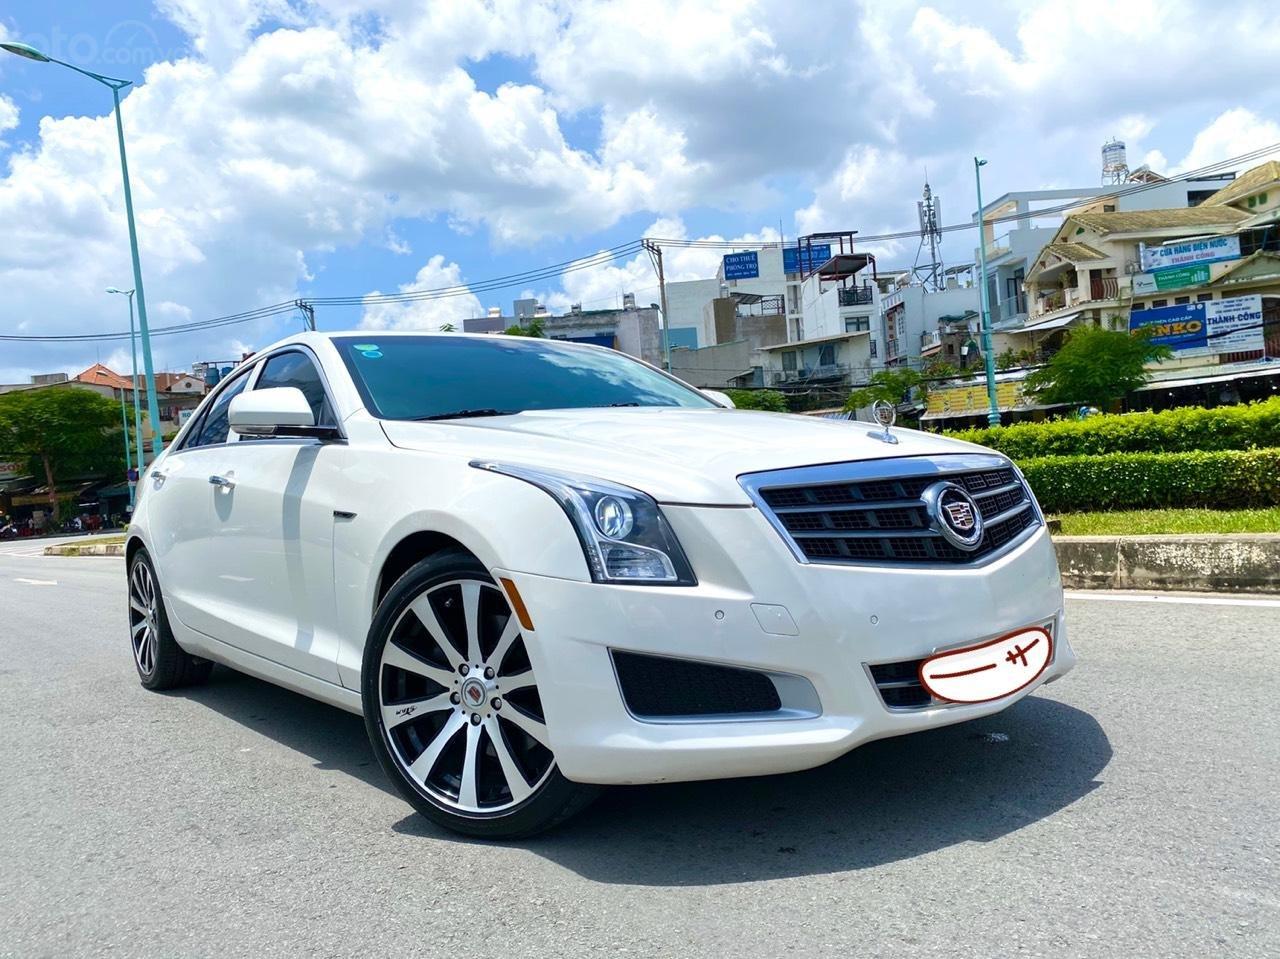 Cadillac CTS Luxury 2.0 nhập Mỹ 2015, loại cao cấp, full đồ chơi, màn hình cảm ứng, chìa khóa thông minh, nội thất sang trọng (1)